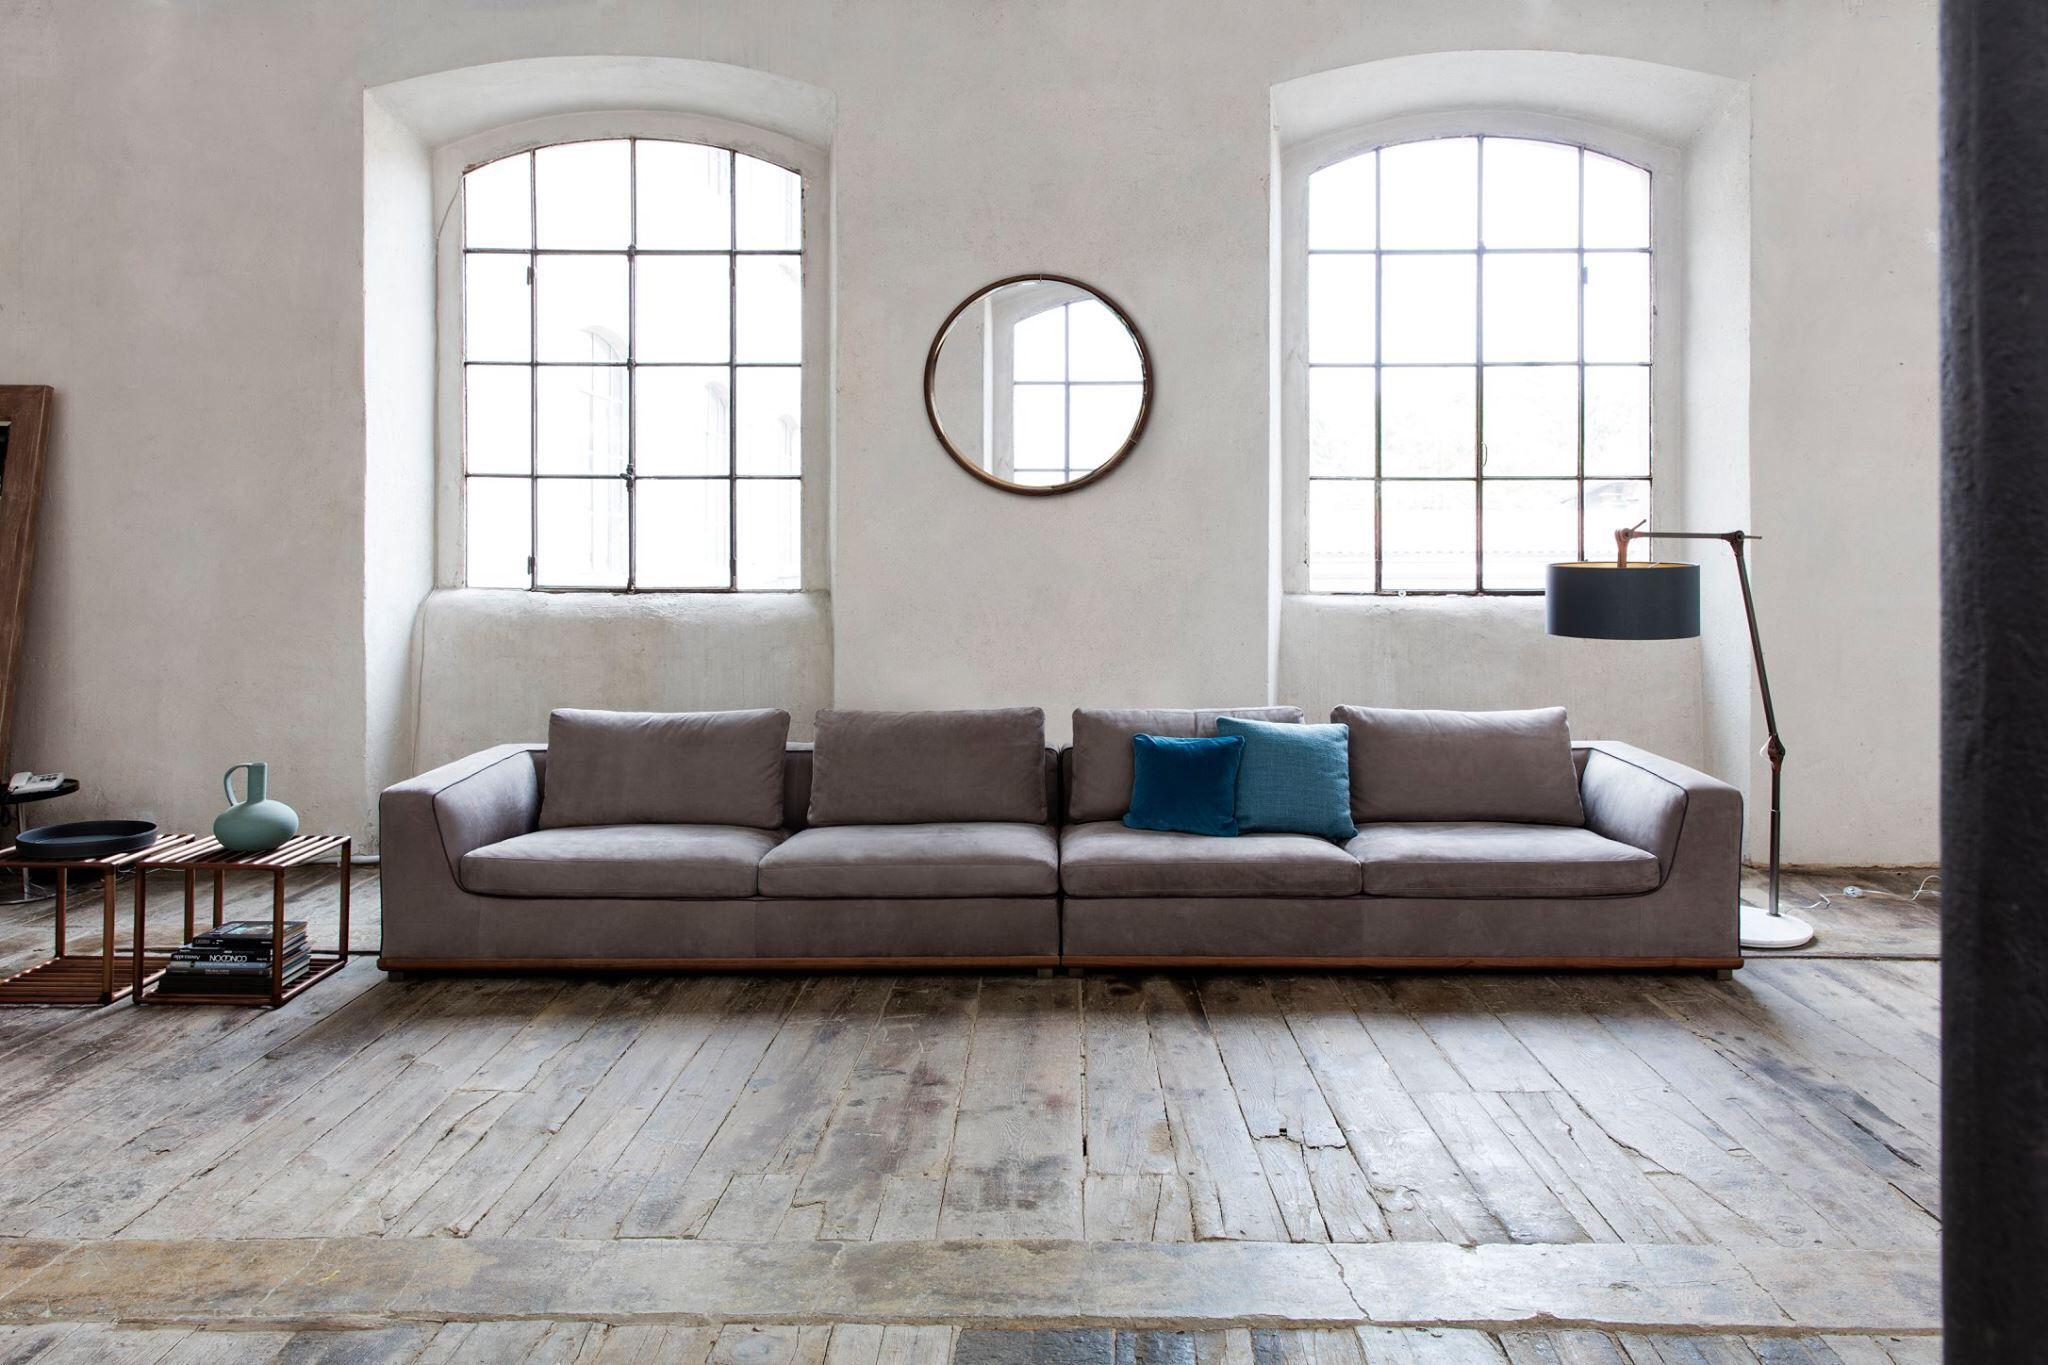 Mobili Porada ~ Kirk sofa by porada como living room upholstery